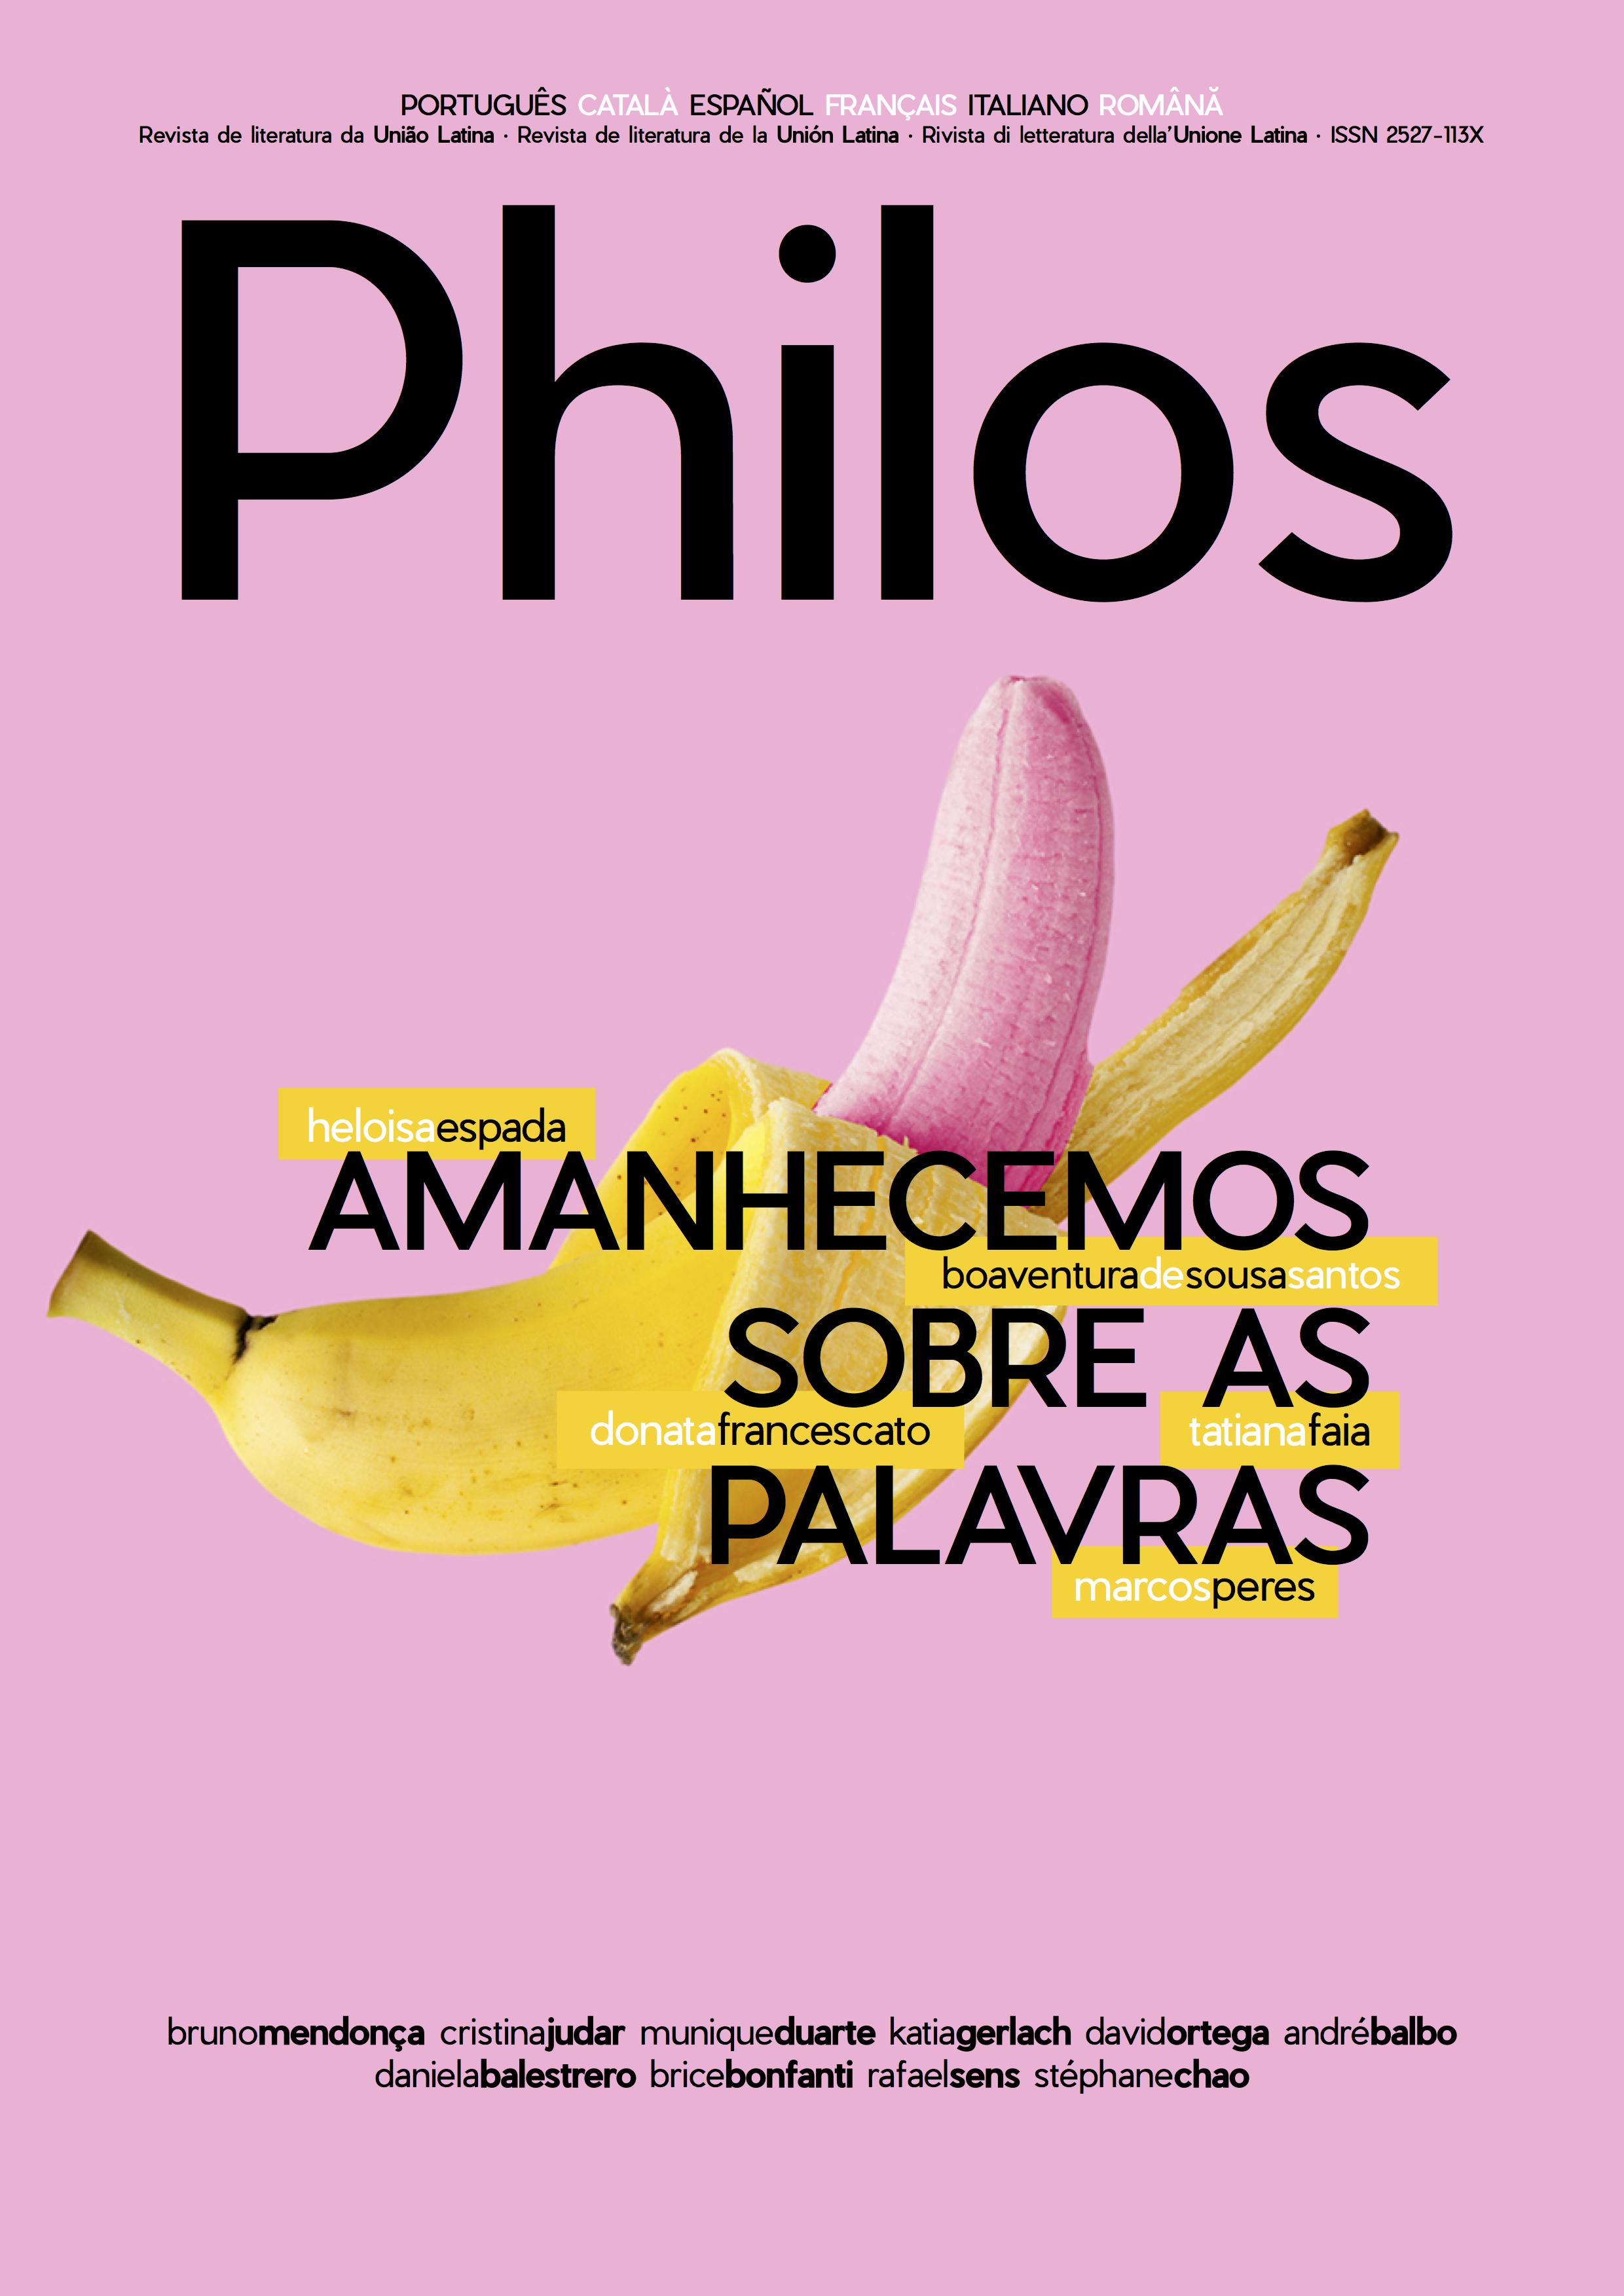 Philos 25